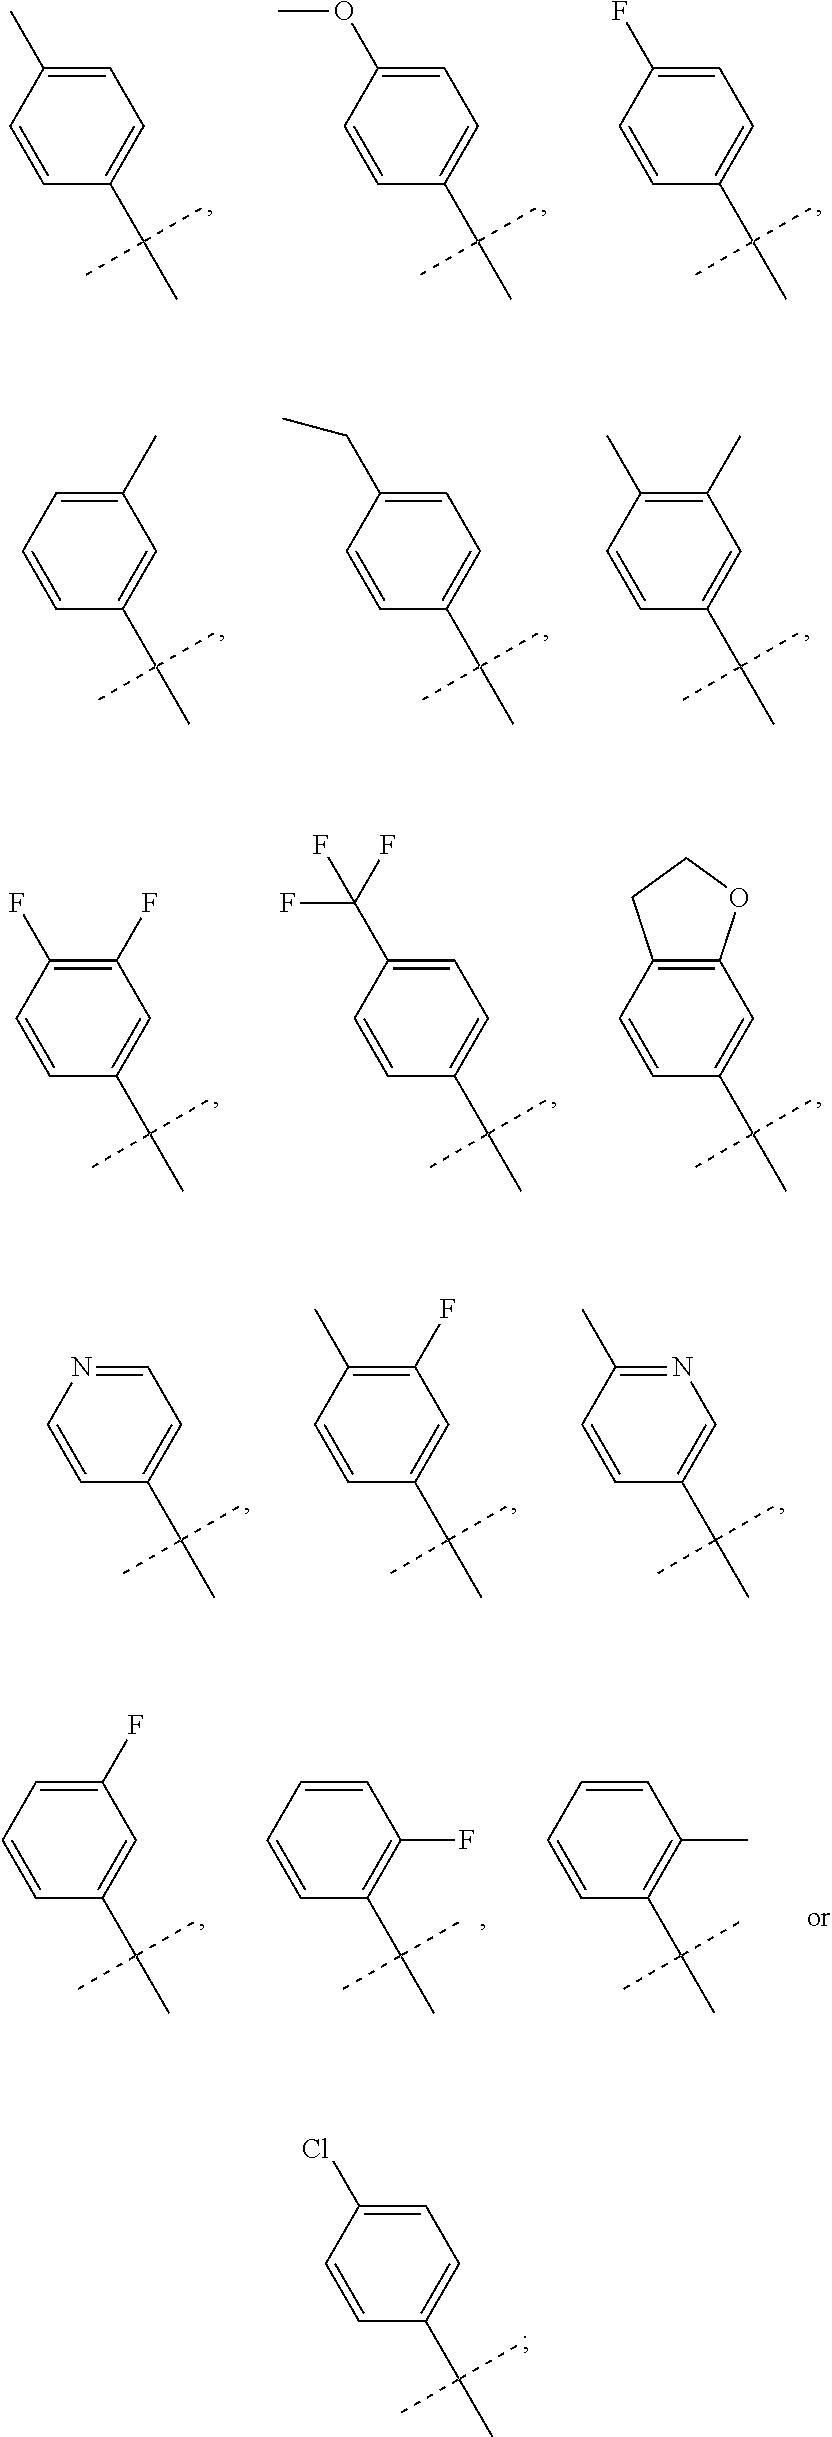 Figure US20150005311A1-20150101-C00005